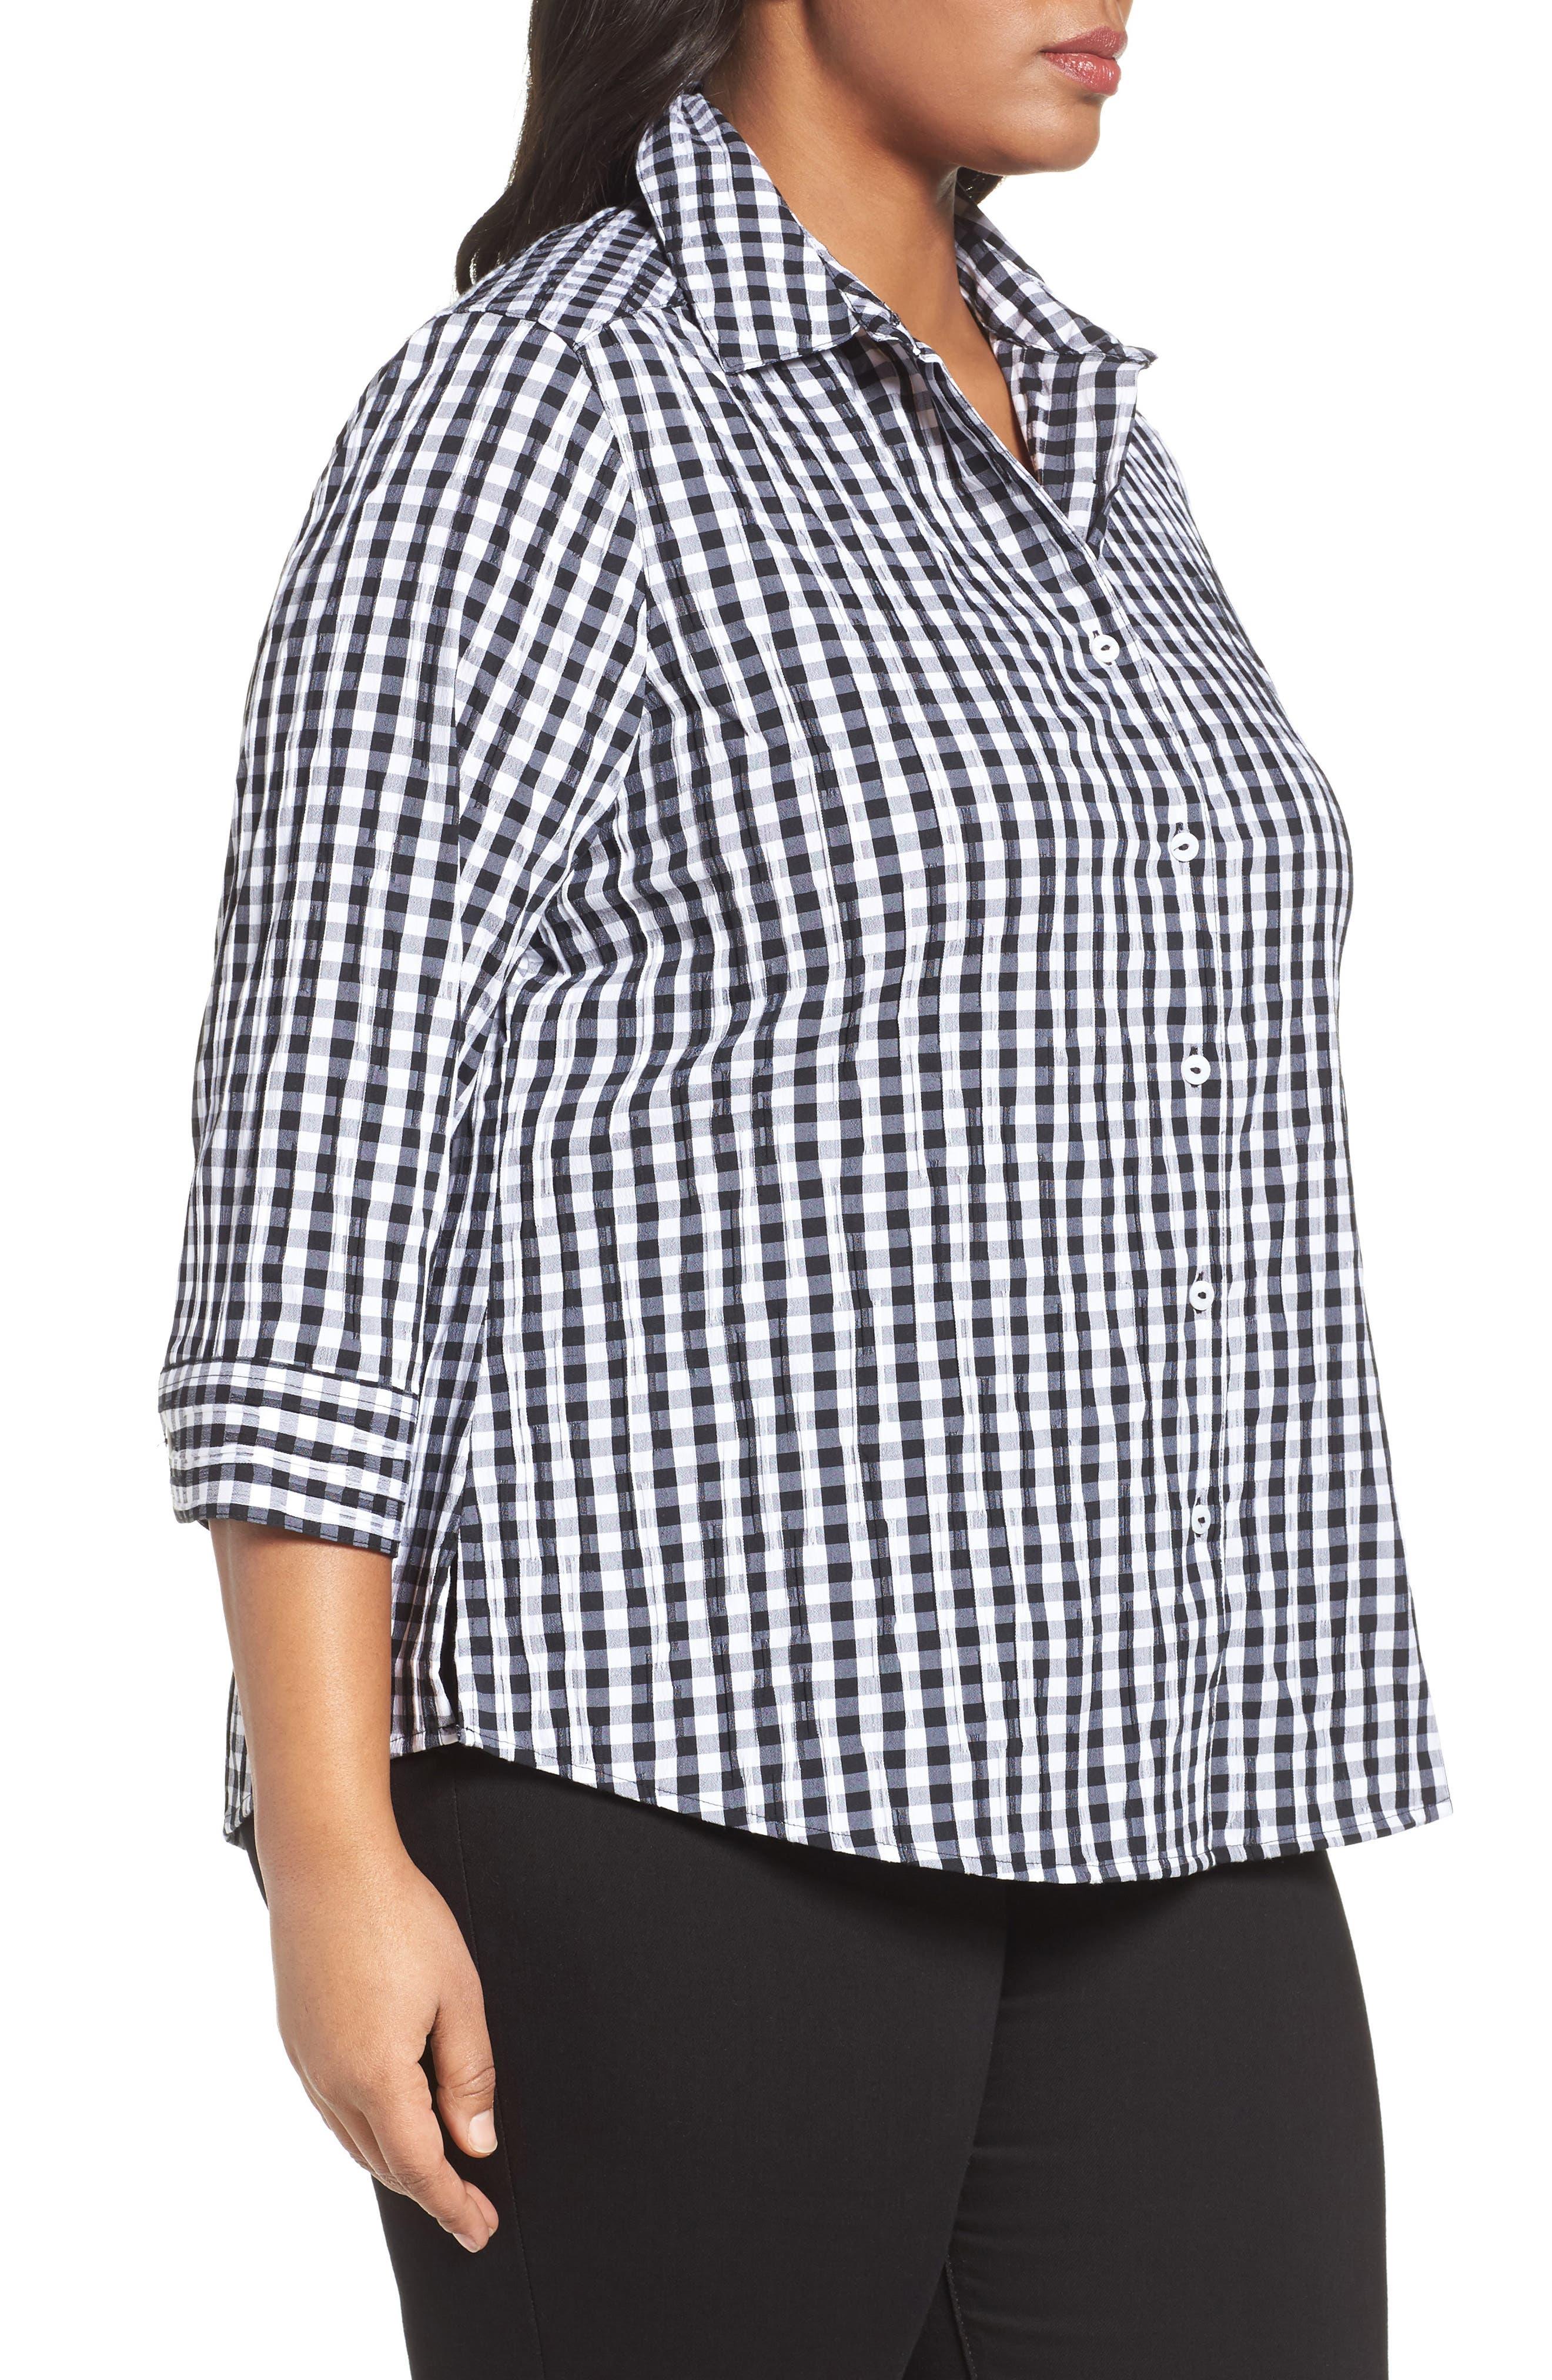 Alternate Image 3  - Foxcroft Gingham Shirt (Plus Size)